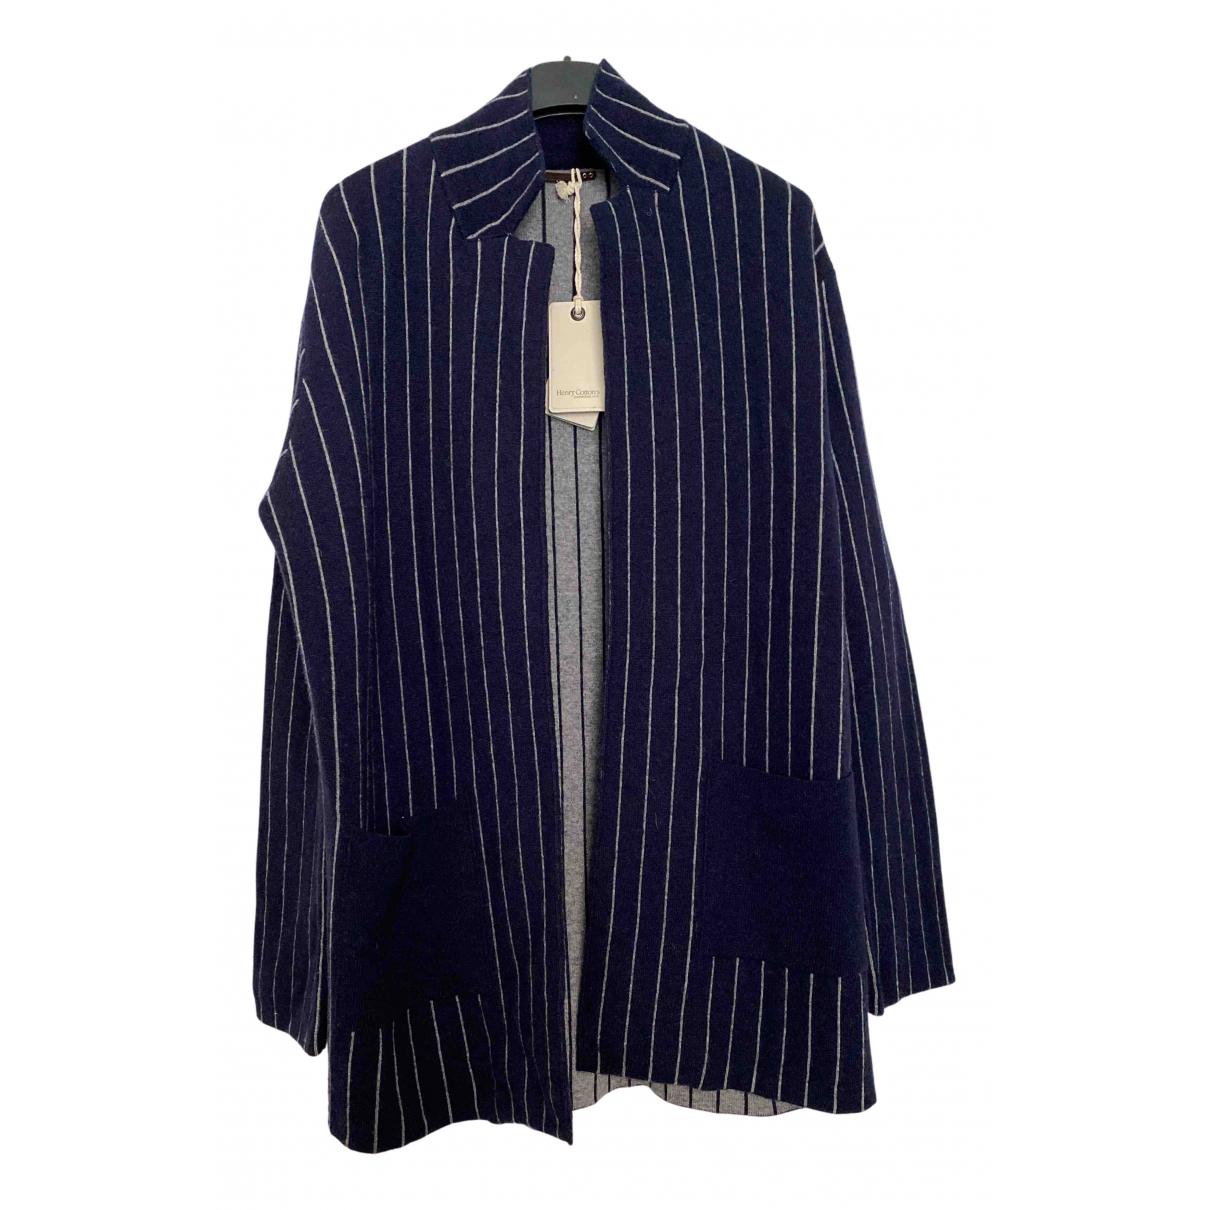 Henry Cotton - Pull   pour femme en laine - bleu